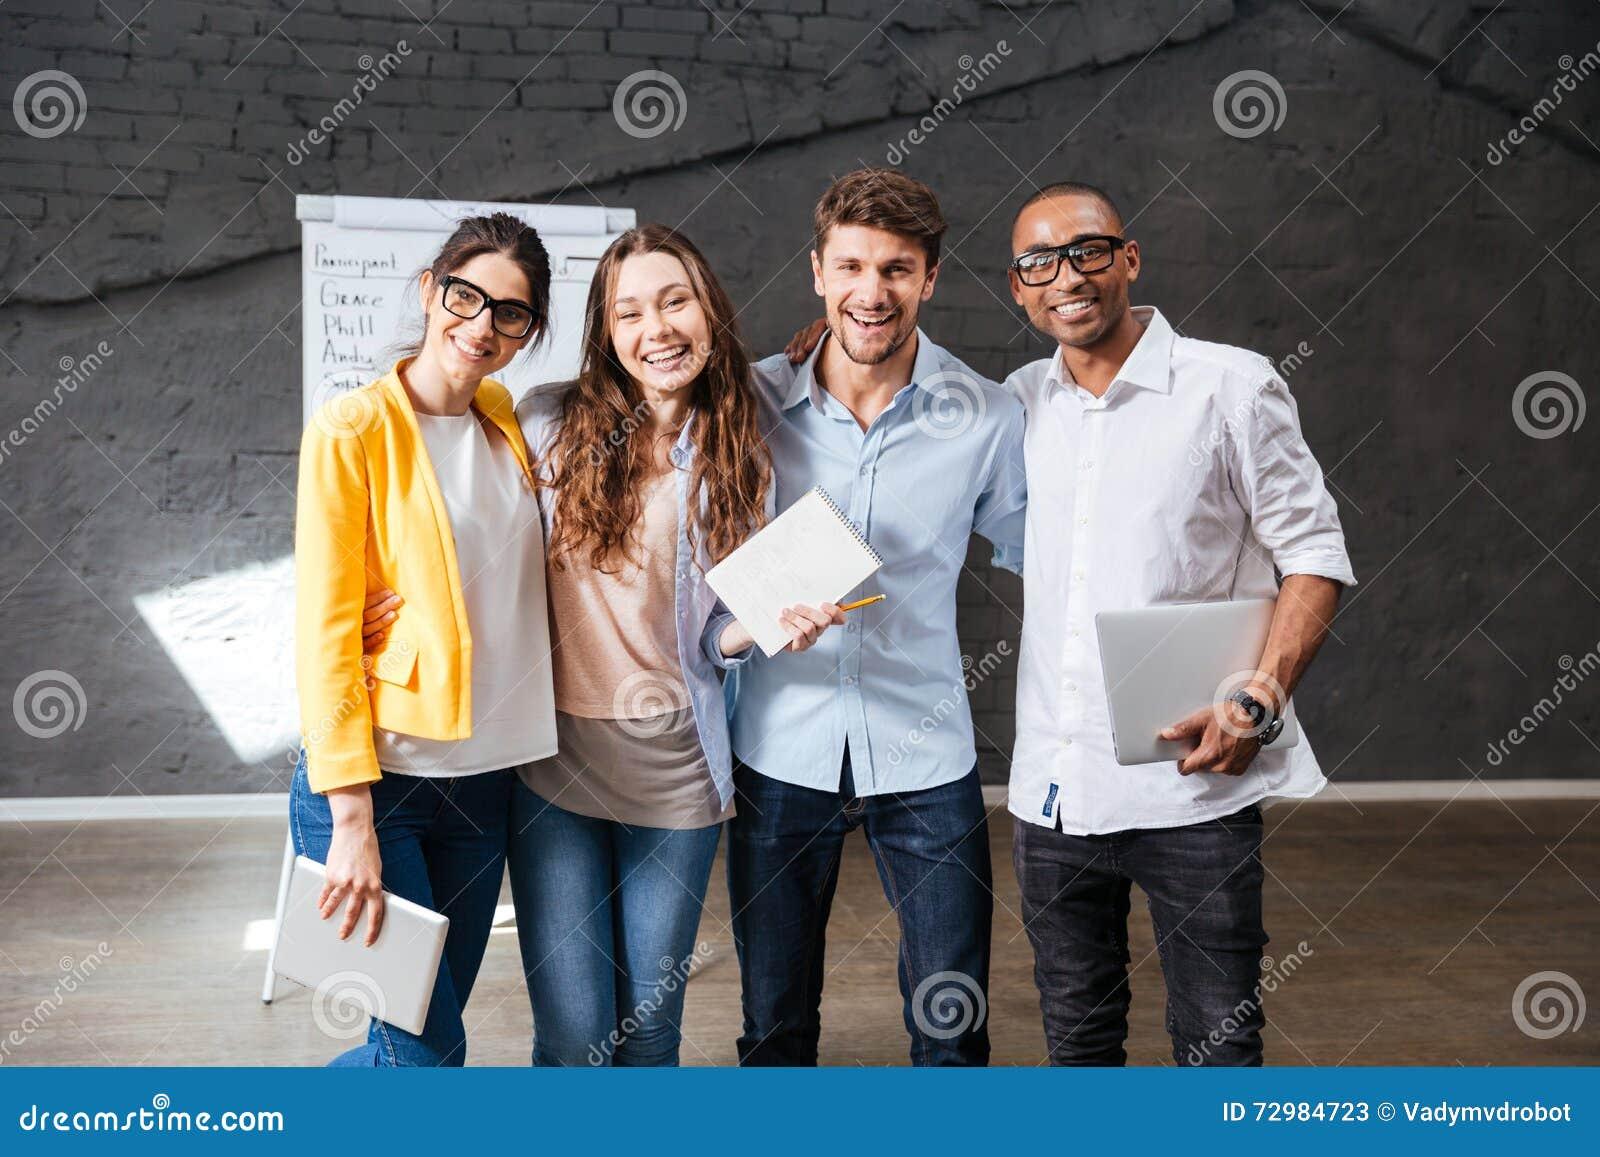 Multiethnische Gruppe glückliche junge Geschäftsleute, die im Büro stehen